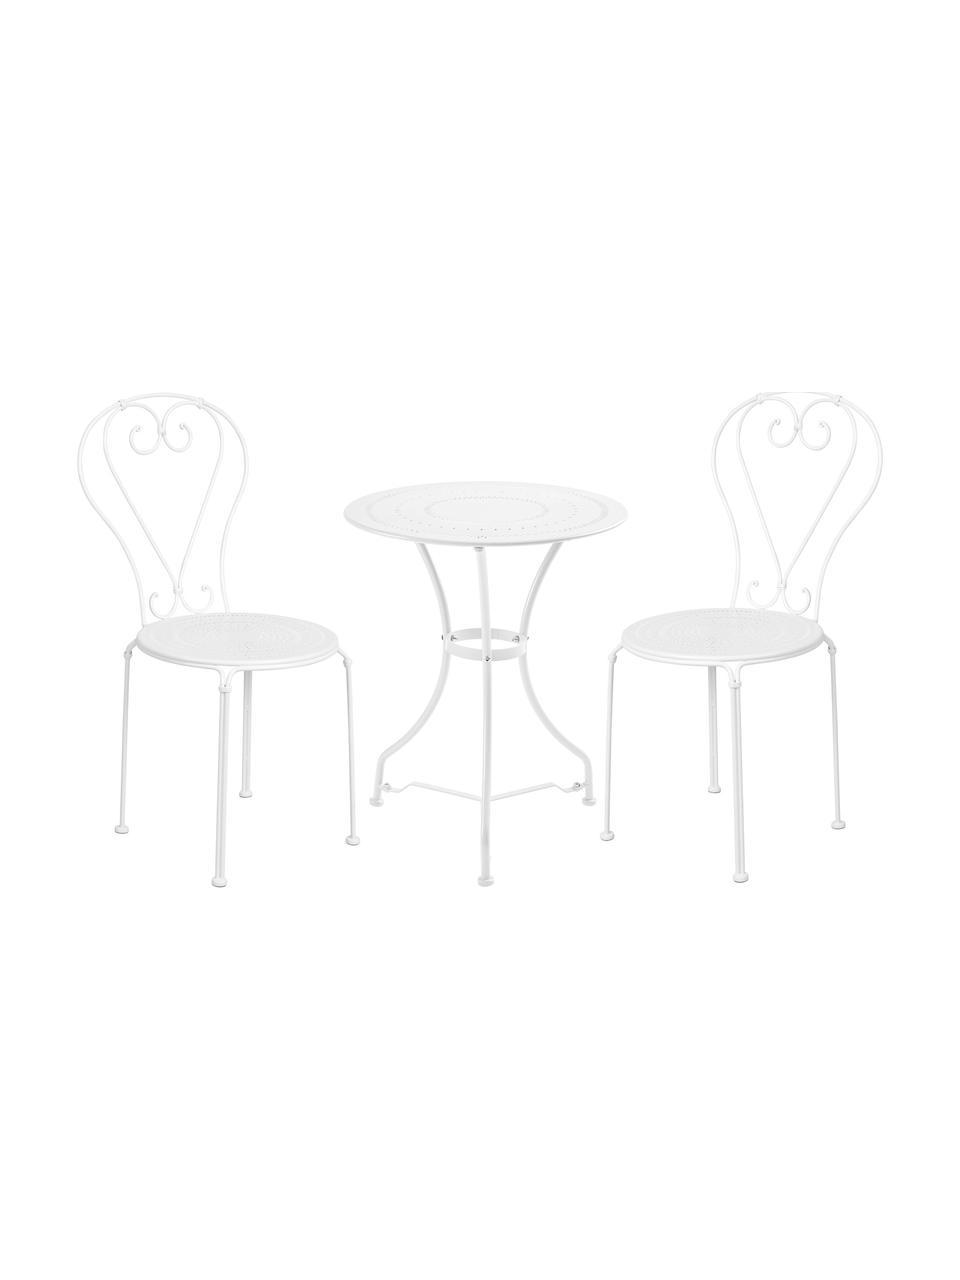 Balkonset Century aus Metall, 3-tlg., Metall, pulverbeschichtet und lackiert, Weiß, Set mit verschiedenen Größen